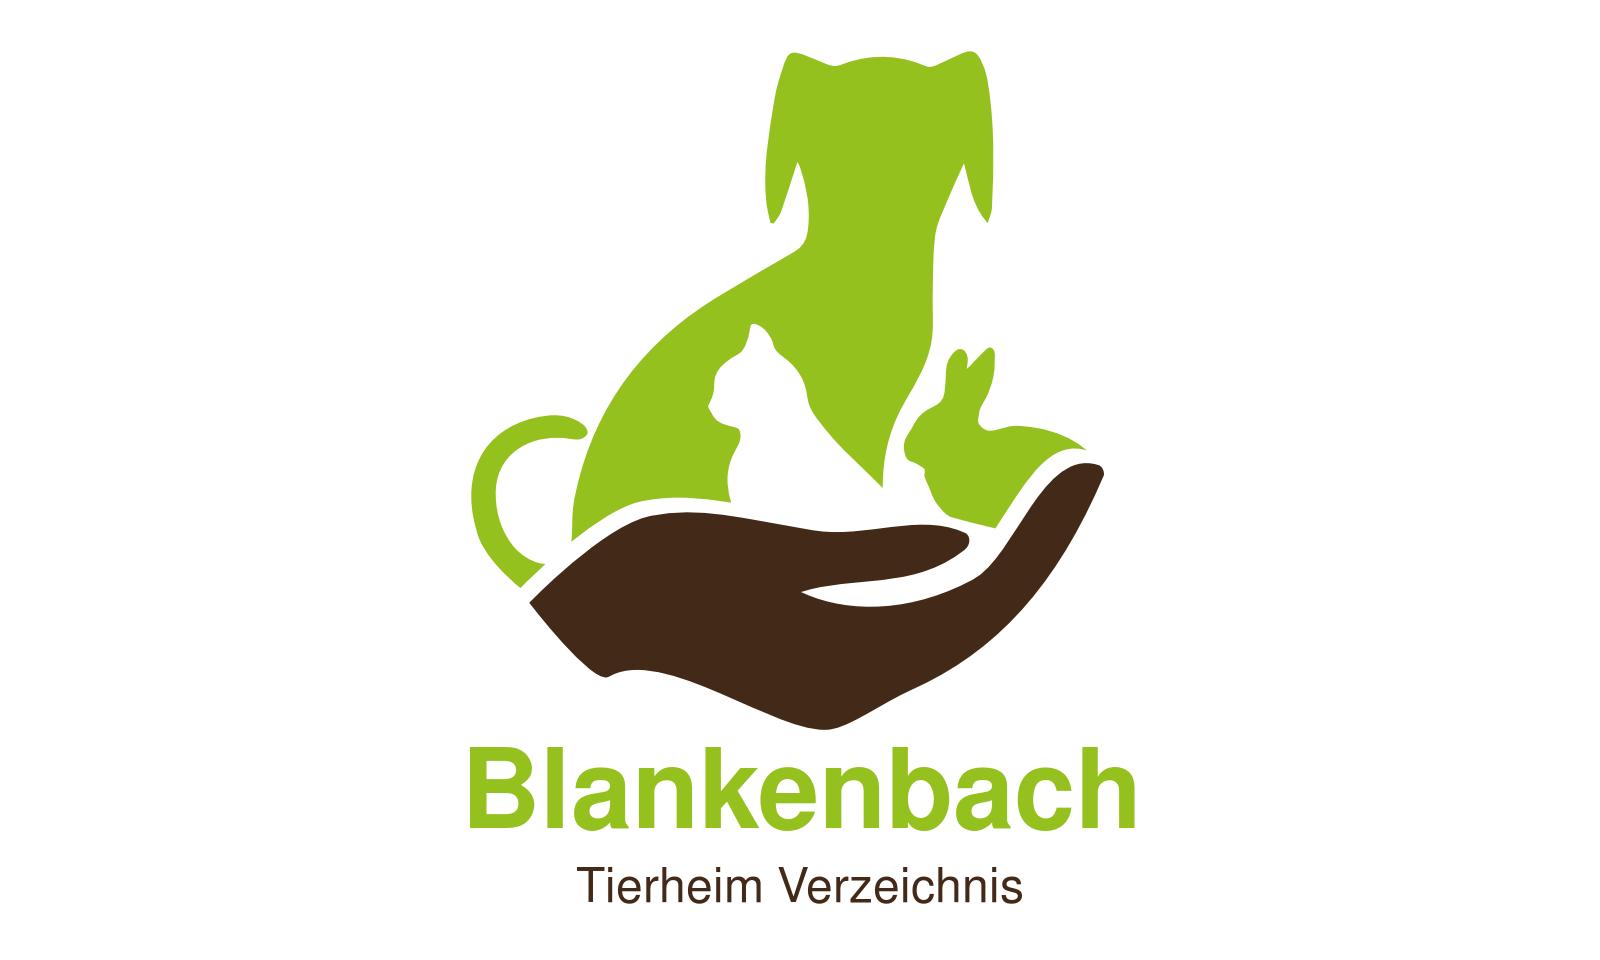 Tierheim Blankenbach